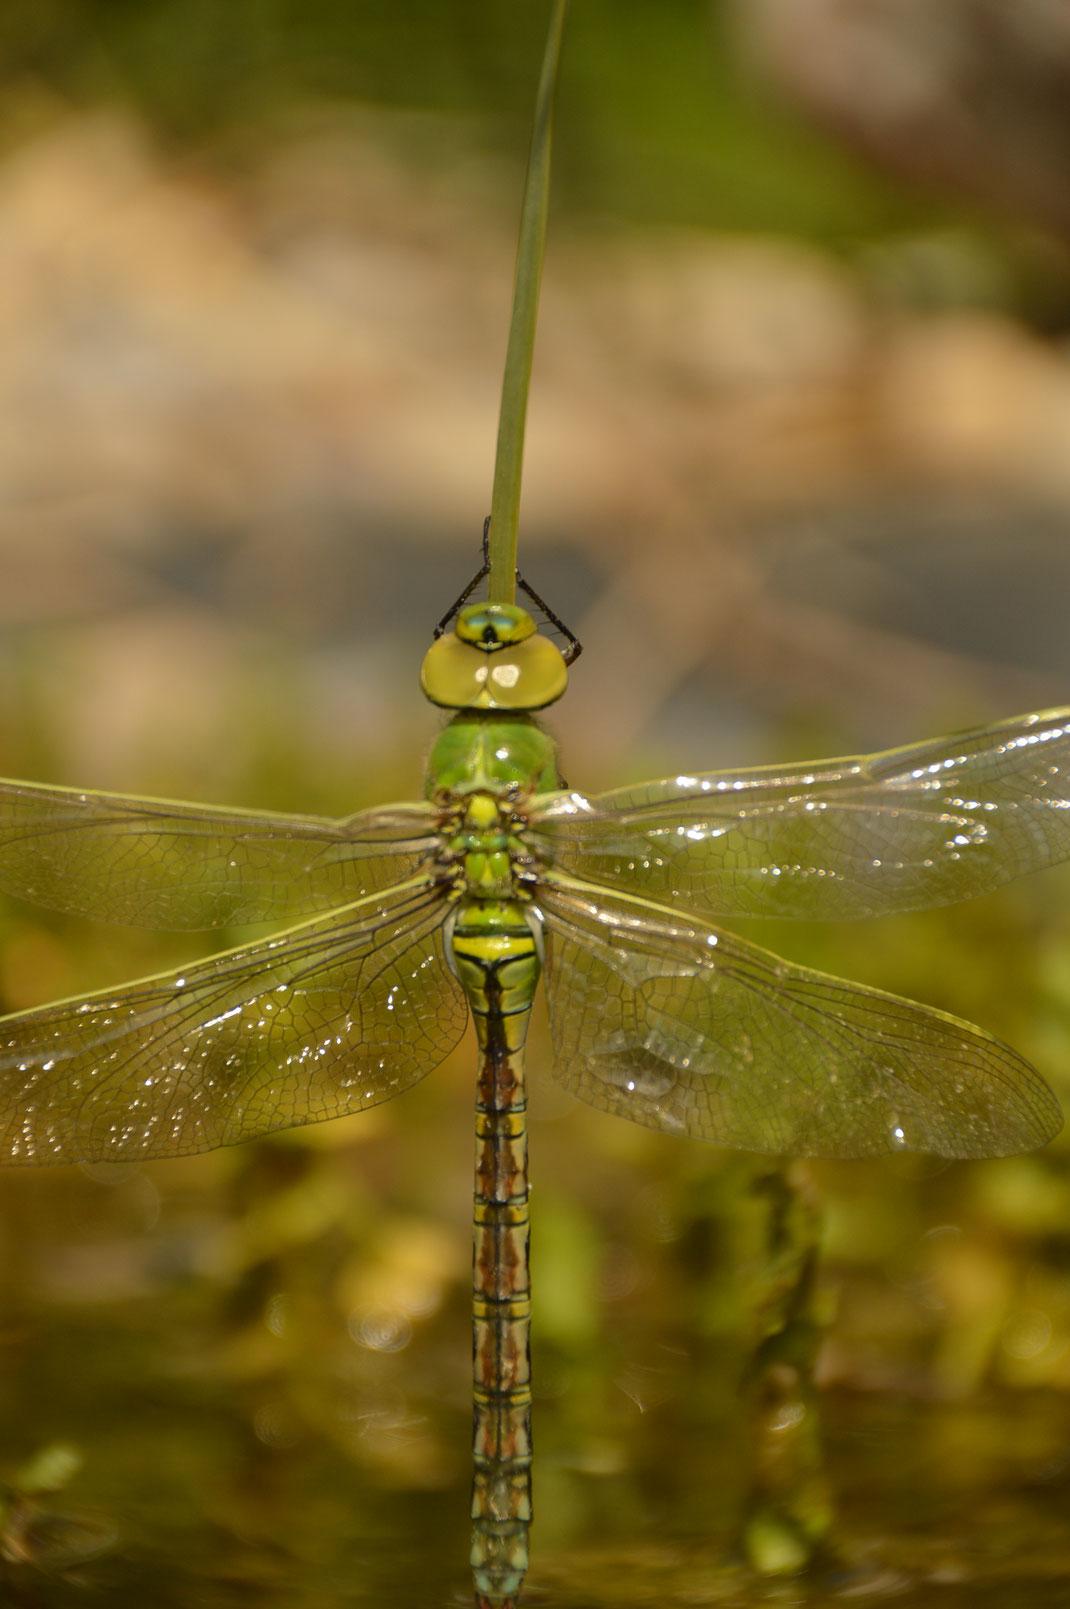 Frisch geschlüpfte Libelle, Blaugrüne Mosaikjungfer; © Karola